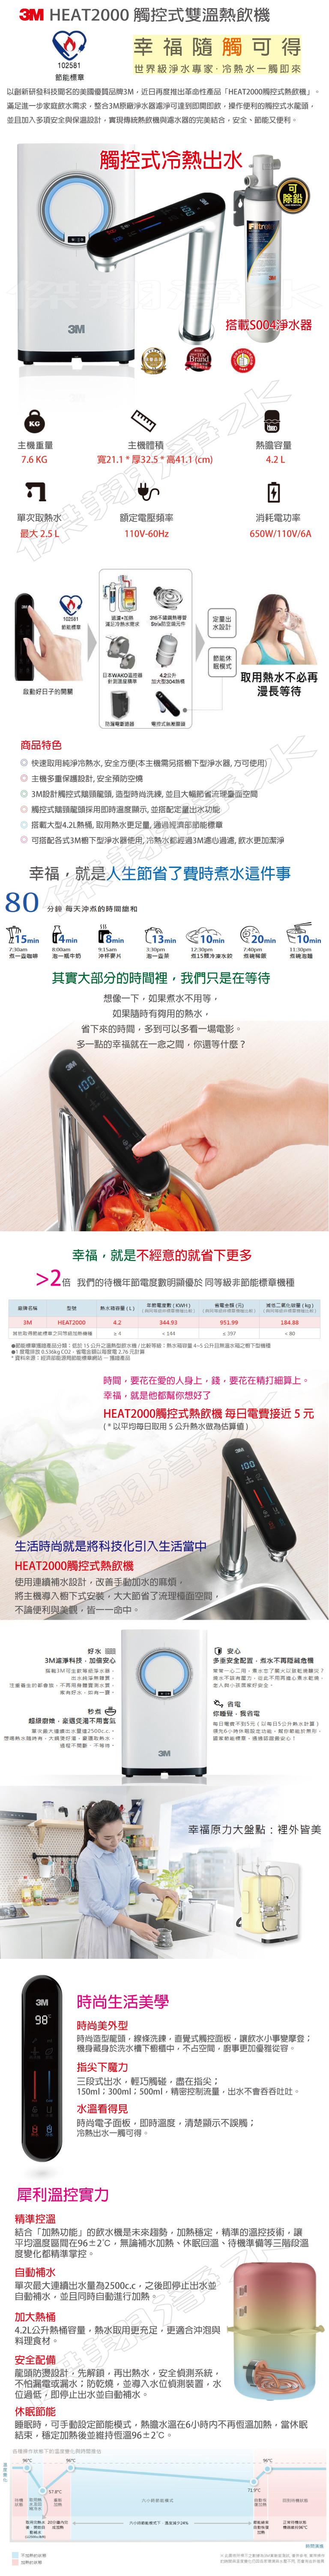 3M HEAT2000 高效能櫥下熱飲機/加熱器,搭載觸控式鵝頸龍頭+S004生飲淨水器/濾水器